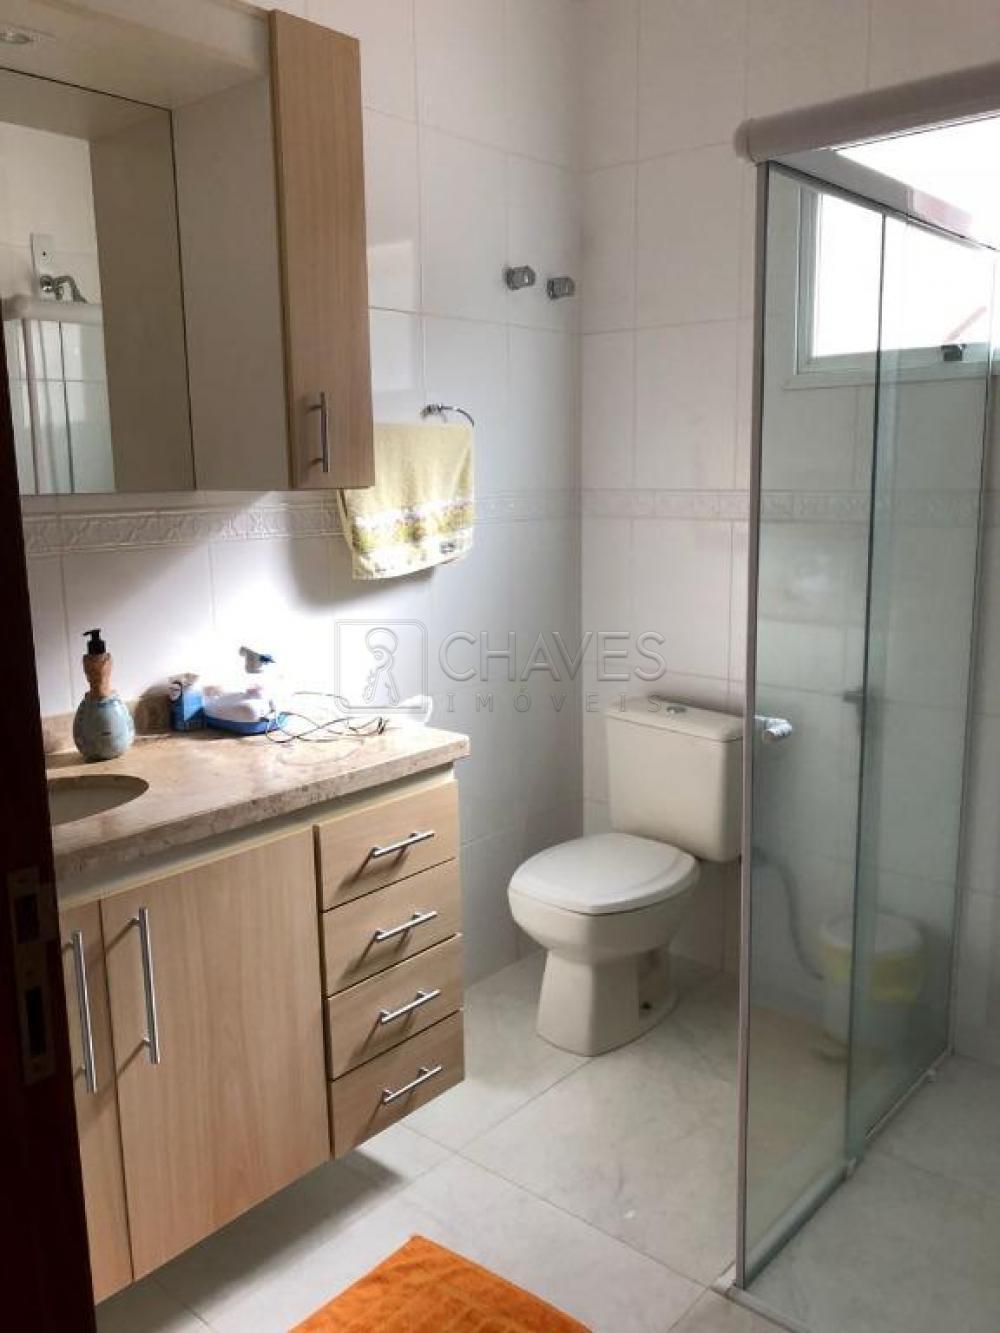 Comprar Casa / Condomínio em Ribeirão Preto apenas R$ 1.280.000,00 - Foto 19